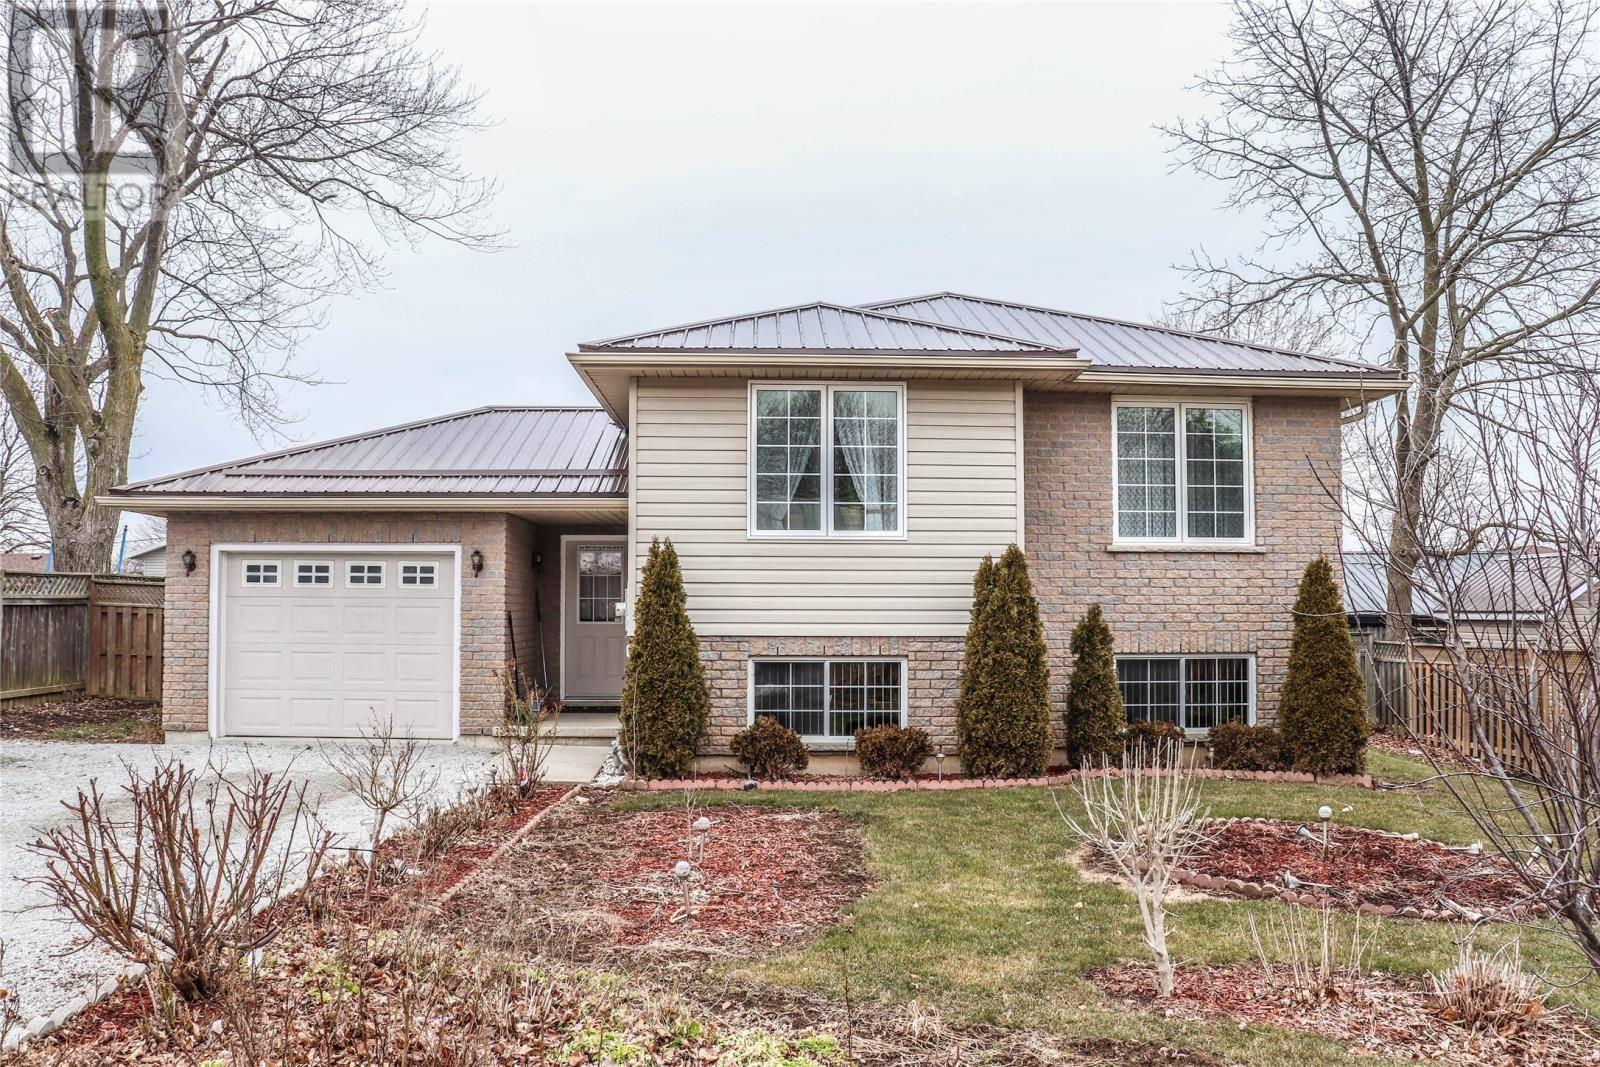 House for sale at 113 Anger St Blenheim Ontario - MLS: 20002332